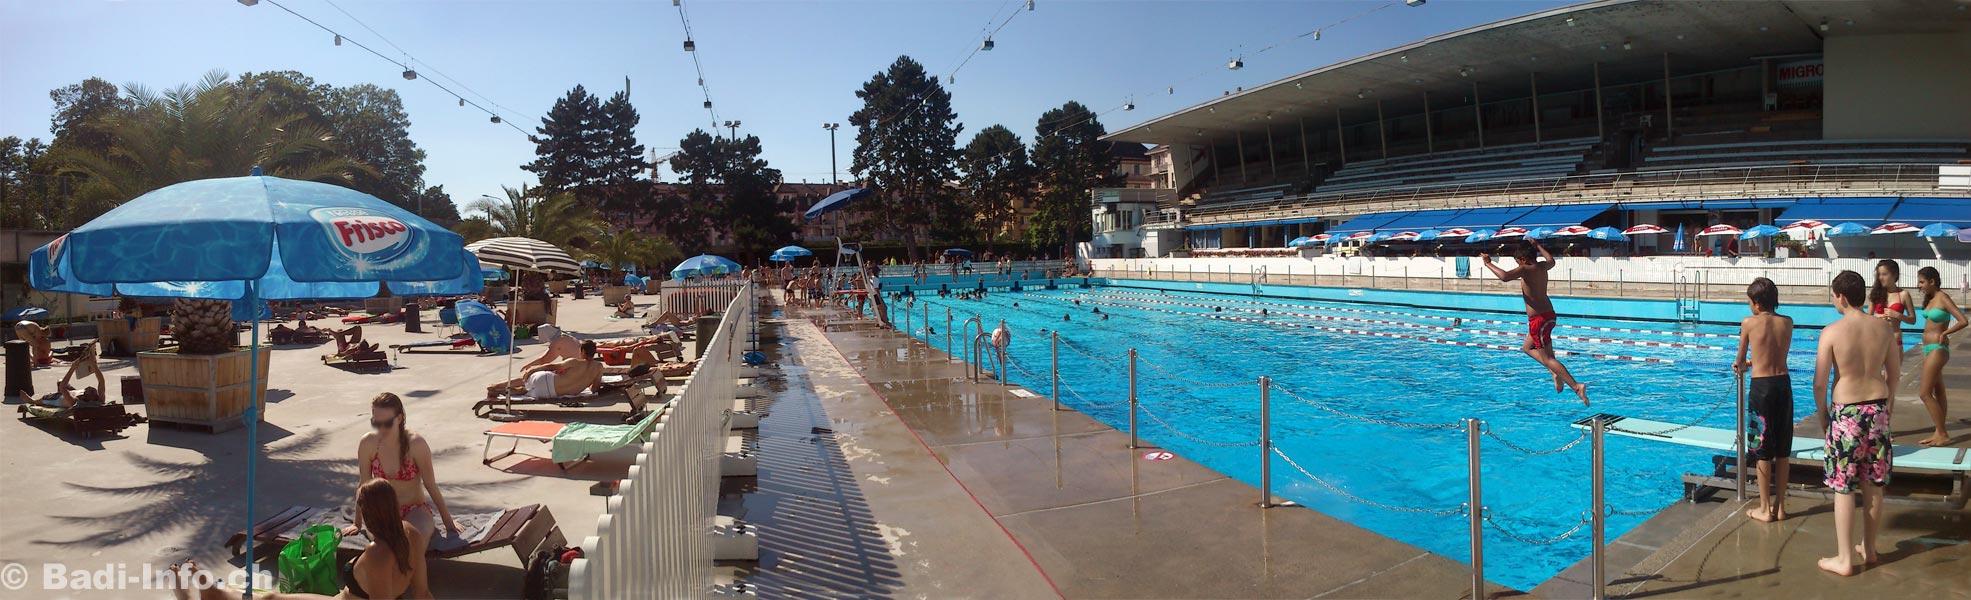 Lausanne dans la piscine montchoisi for Piscine lausanne